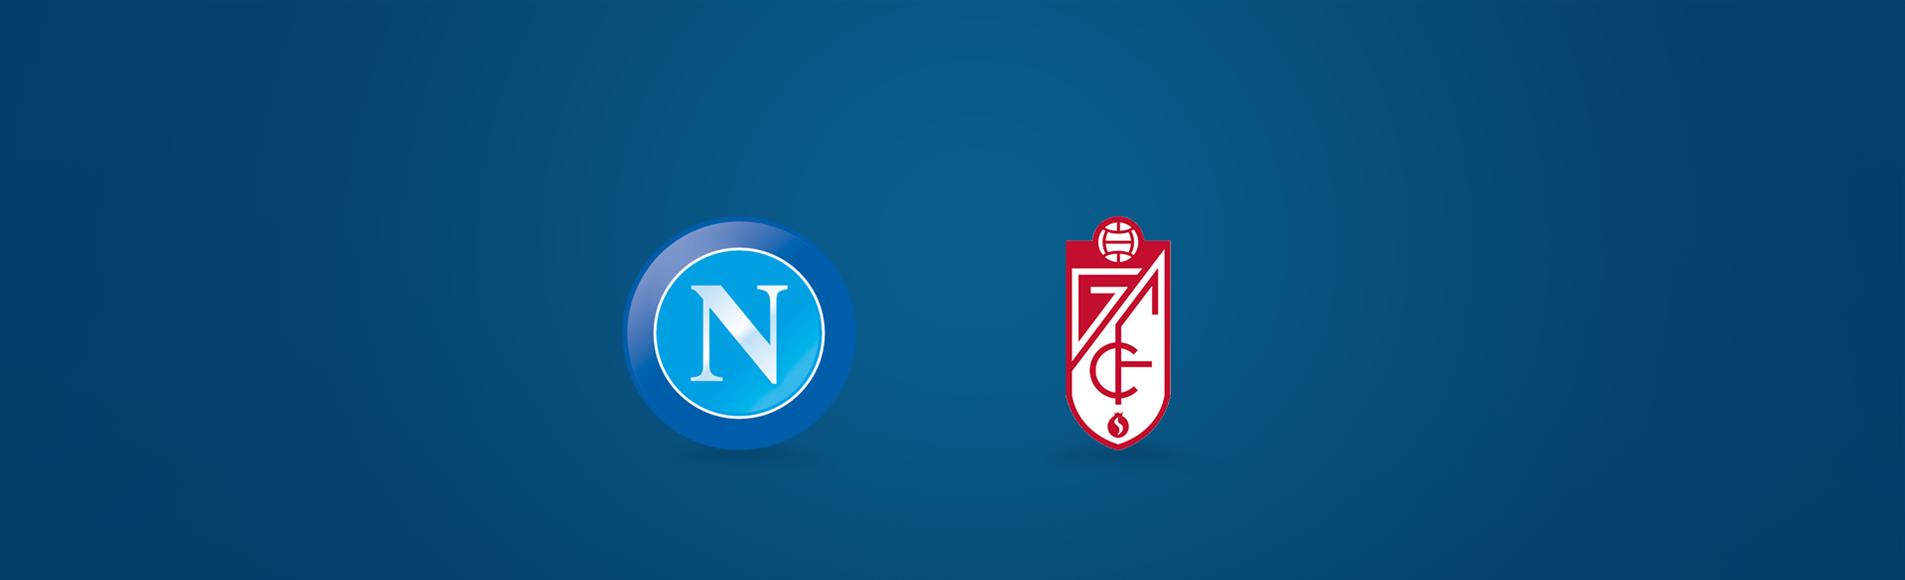 Napoli-Granada: dove vedere la partita in tv e diretta streaming - NAPOLI CALCIO